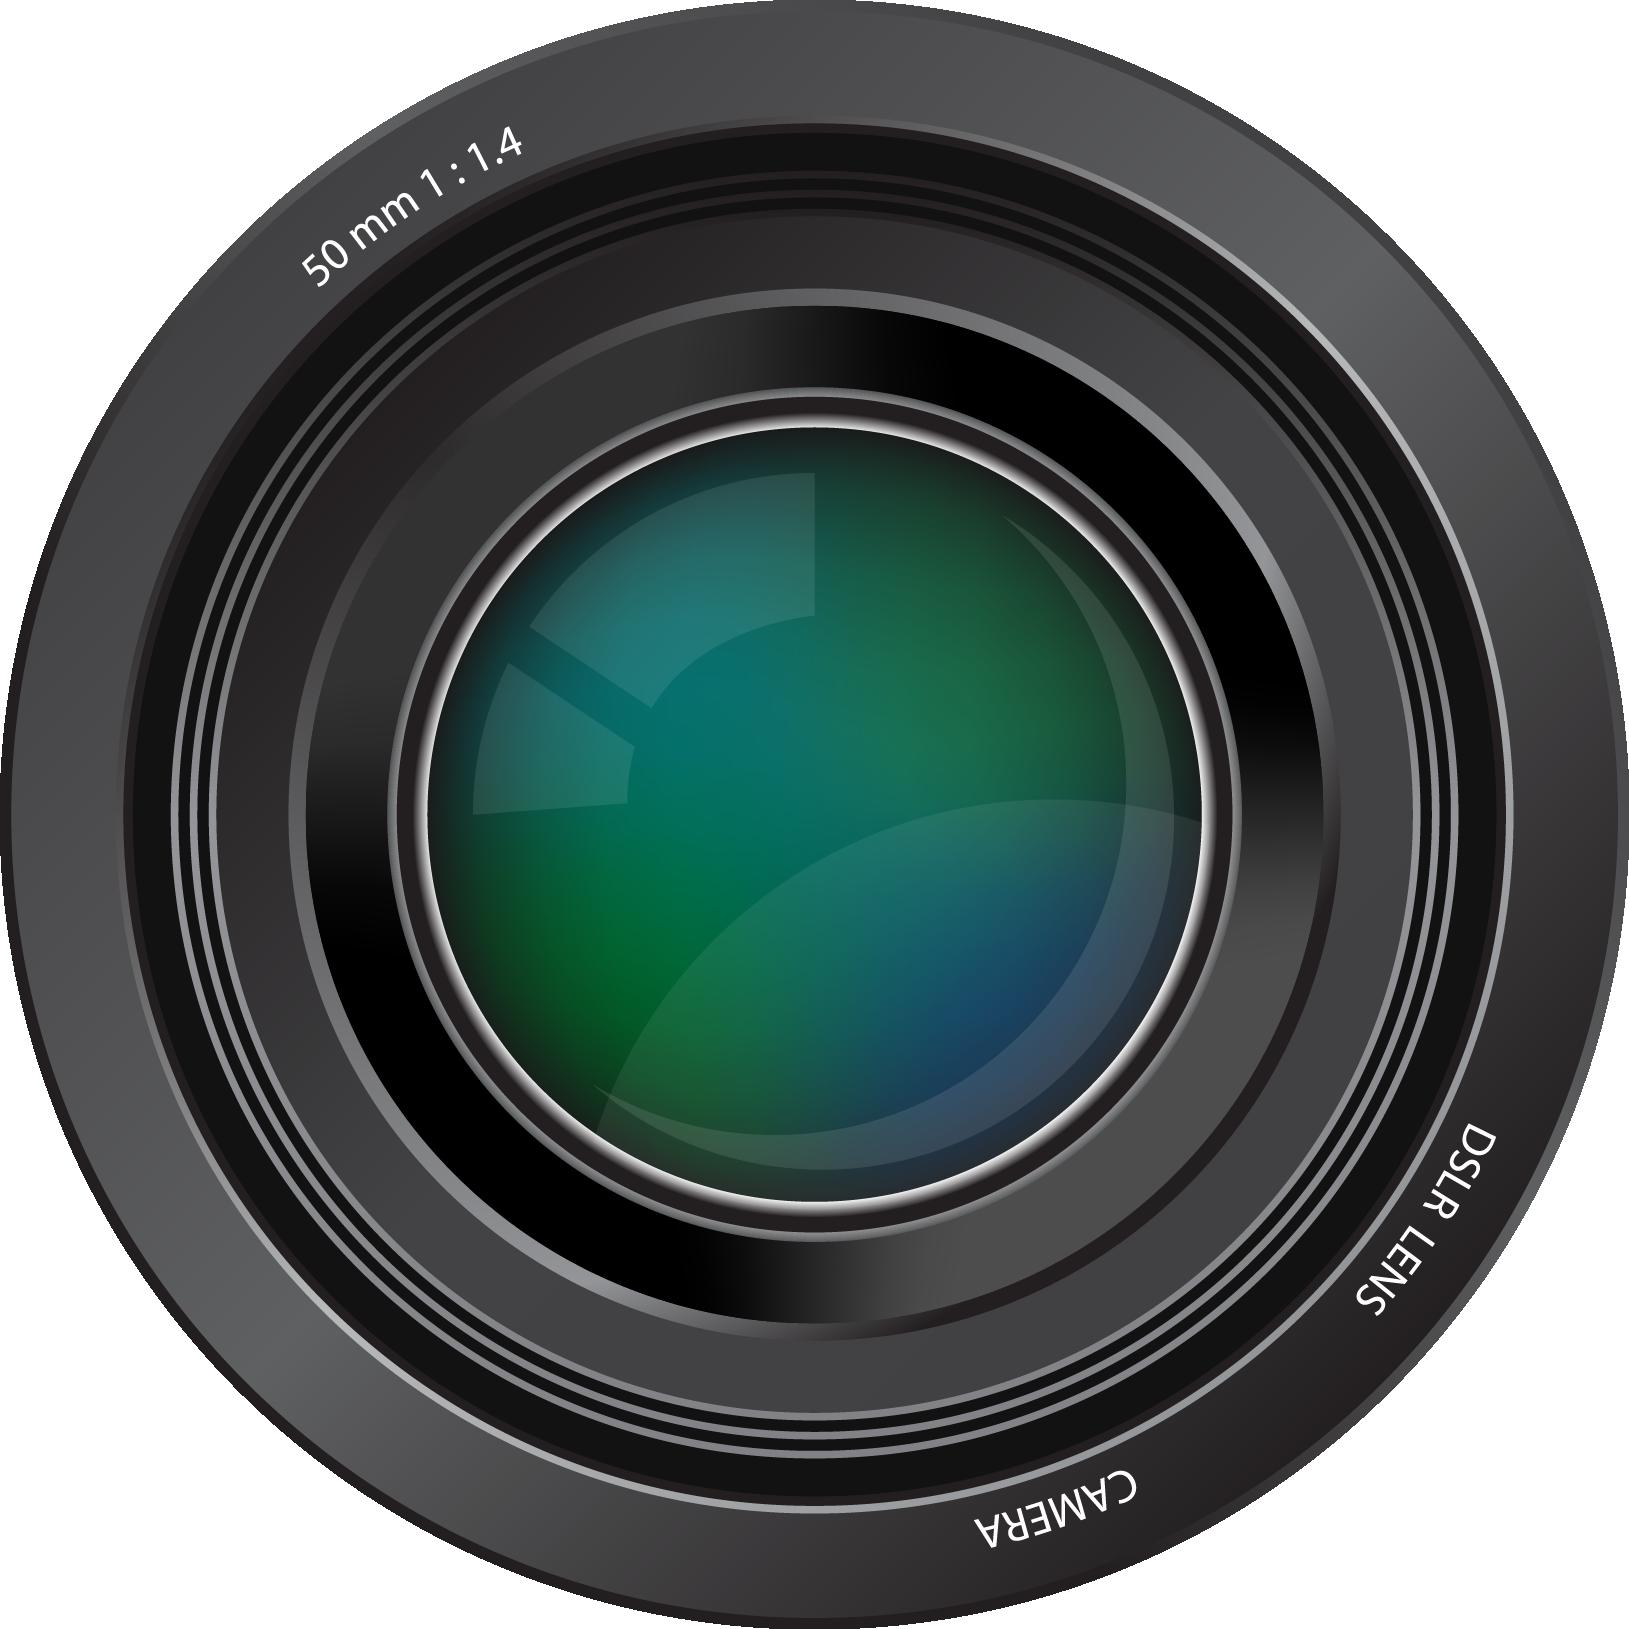 Nikon clipart camera lense #2